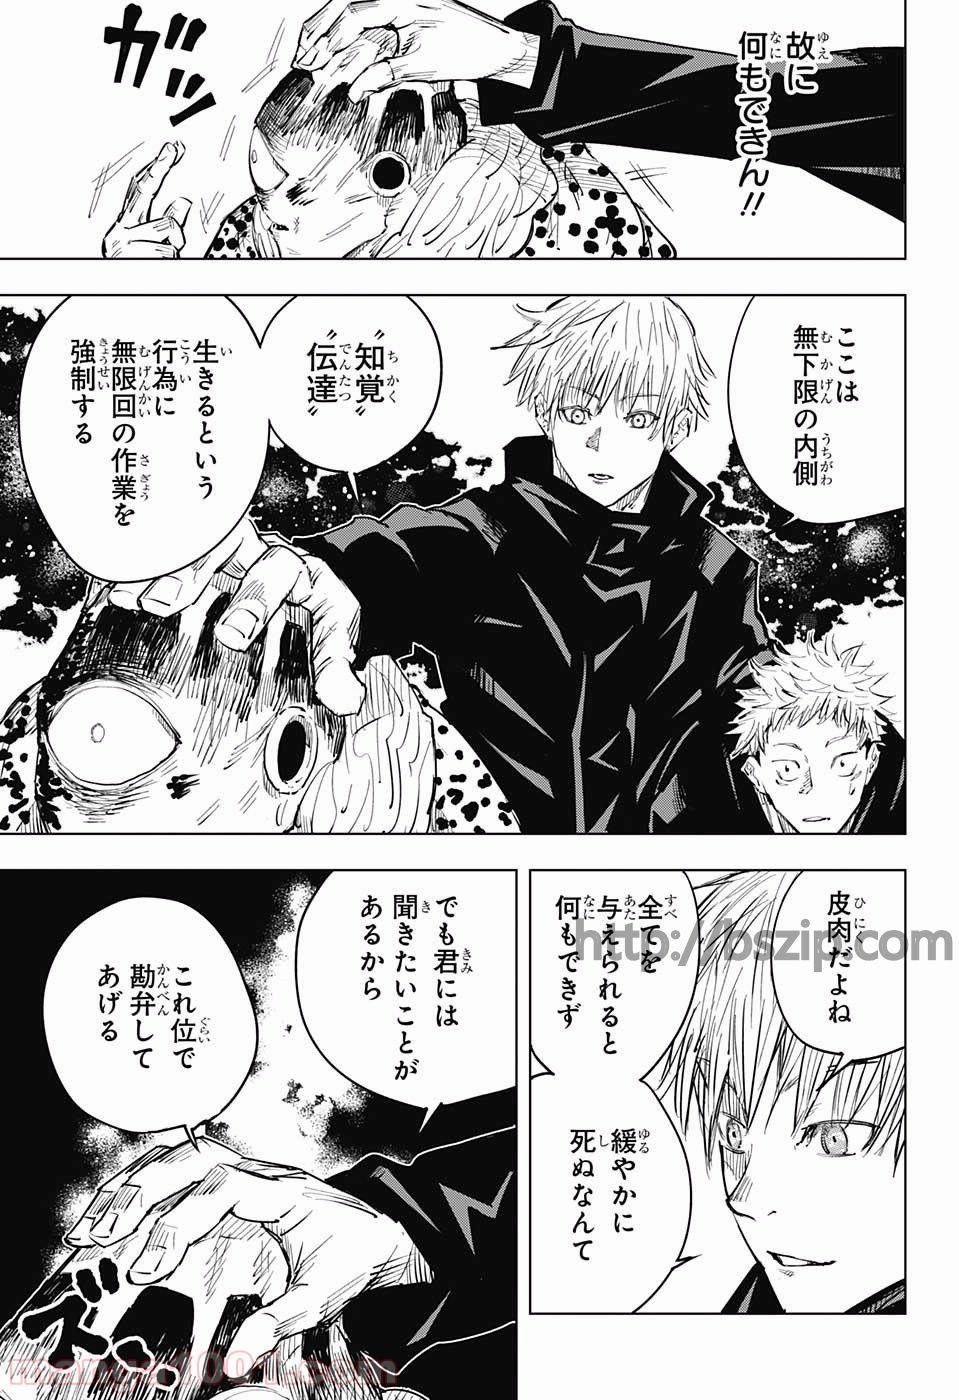 呪術廻戦 – Raw 【第15話】 – Manga Raw